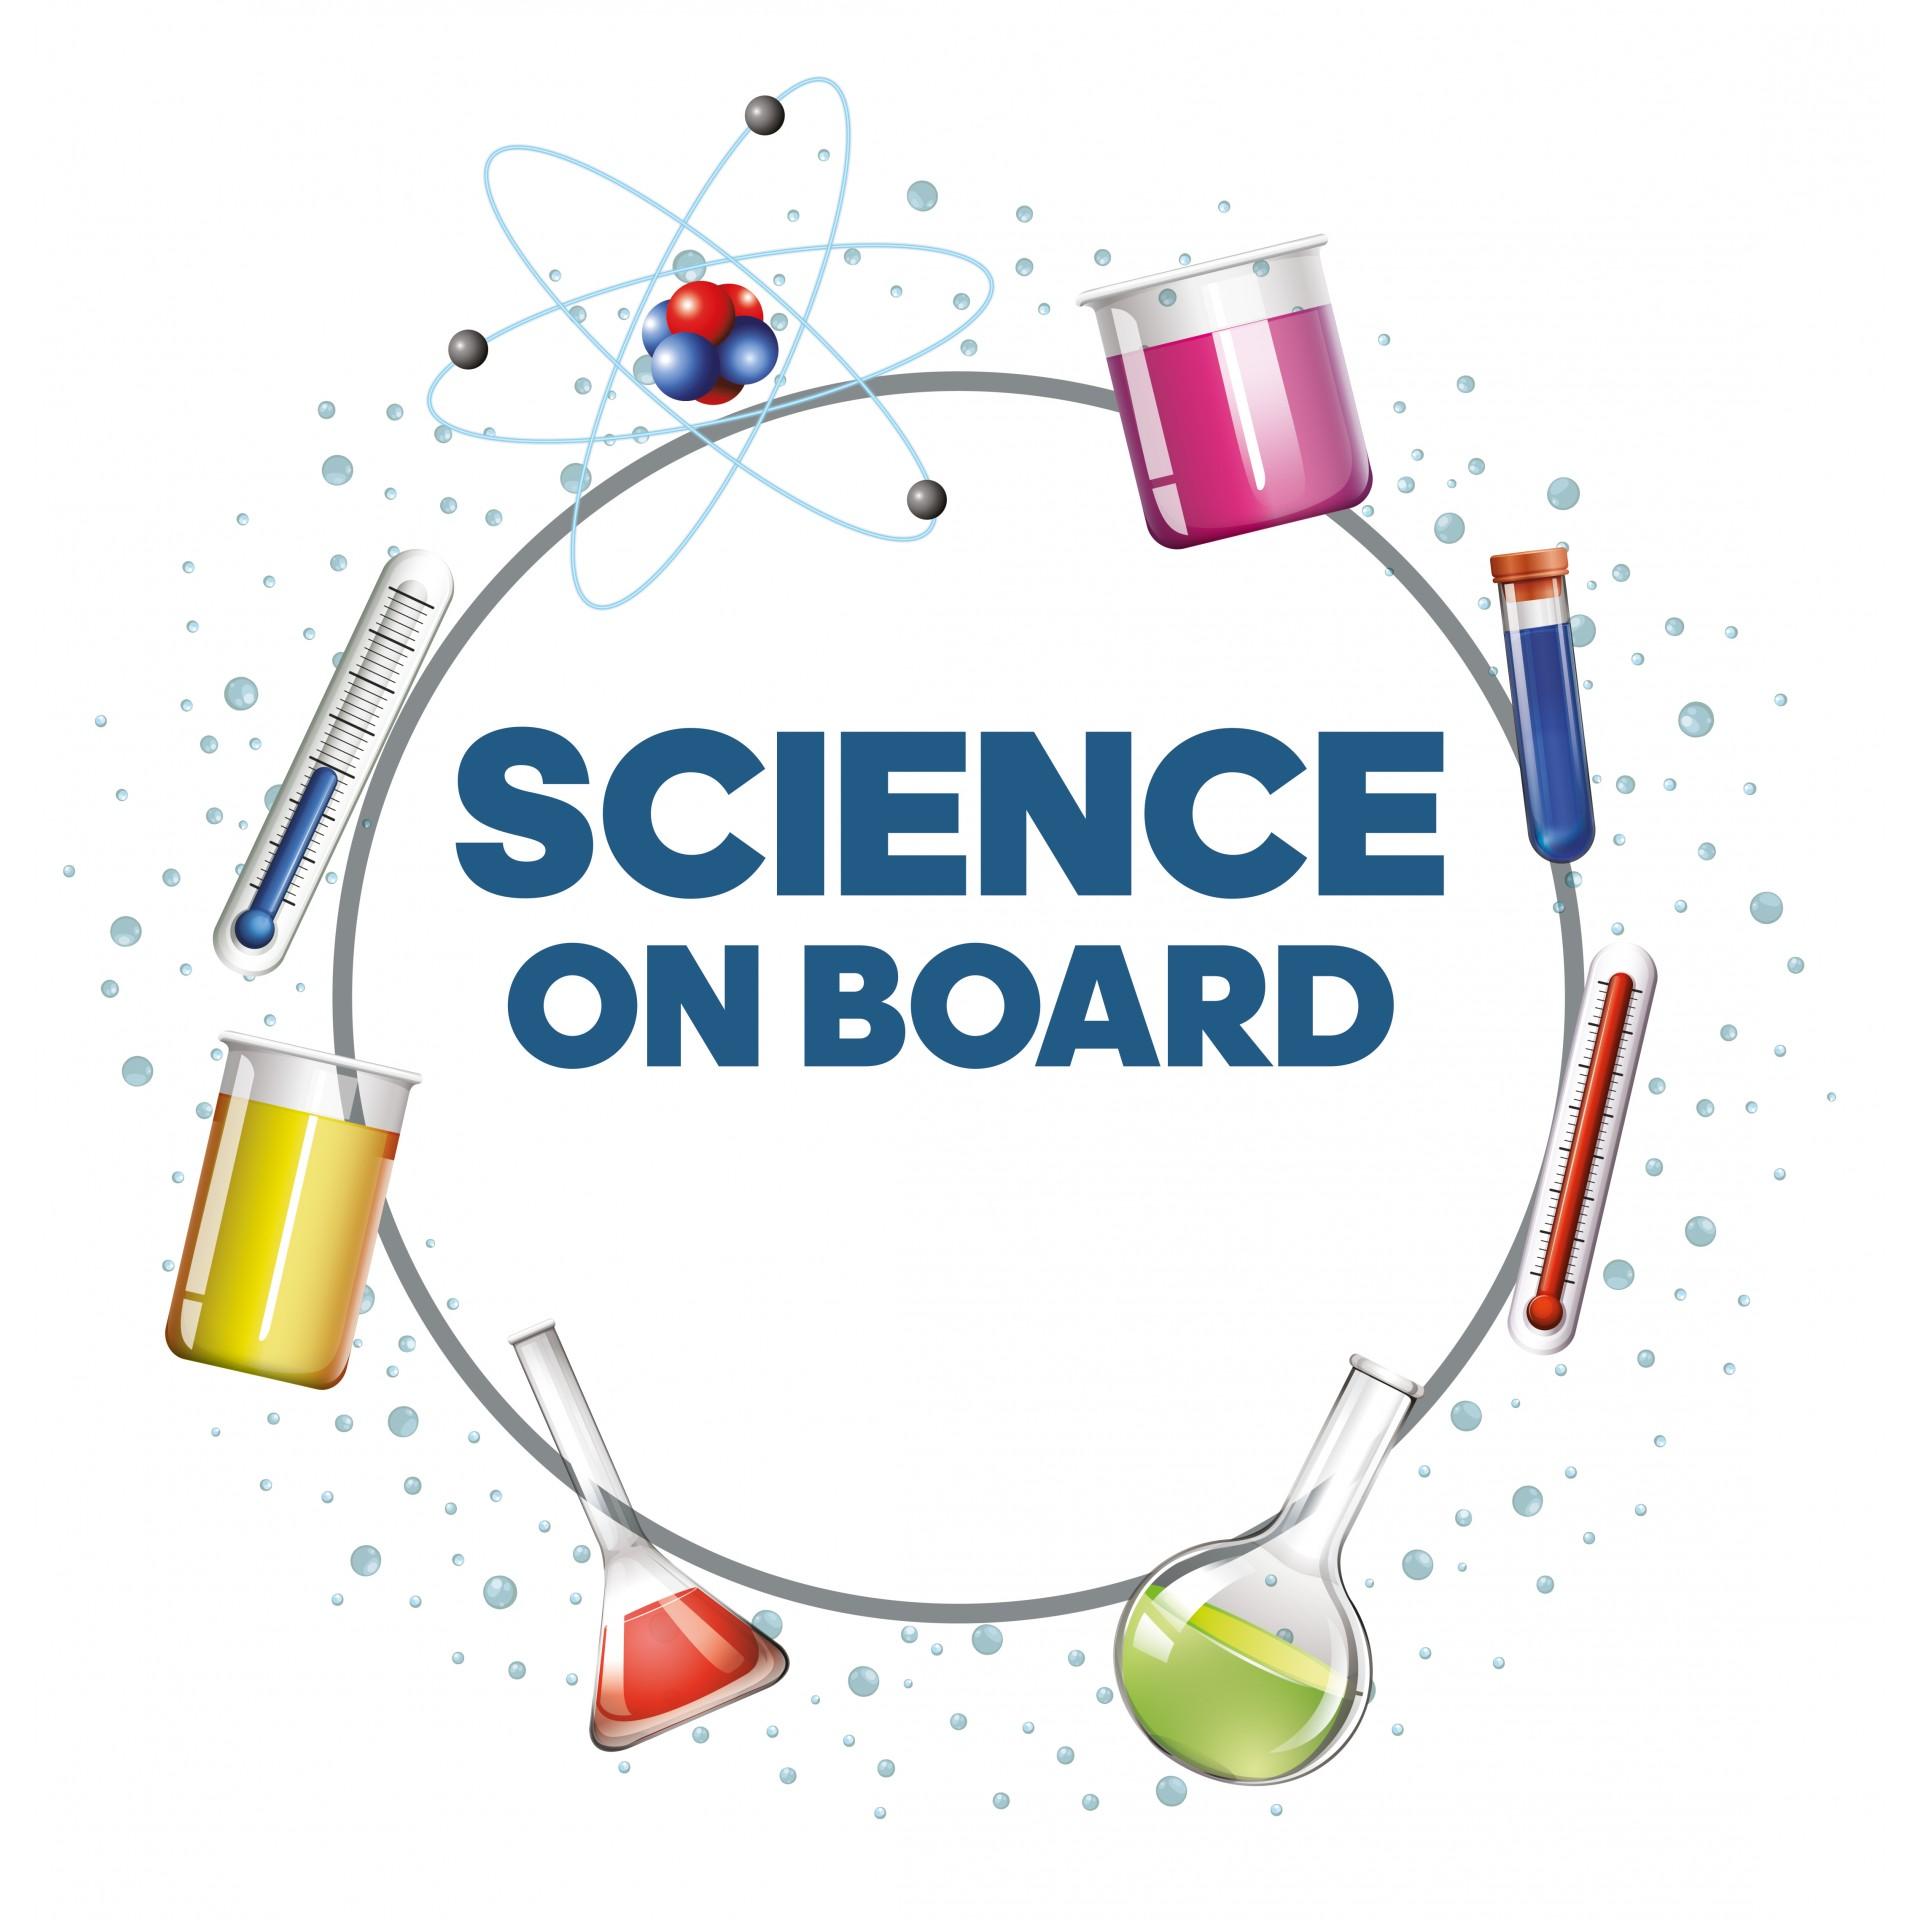 science on board